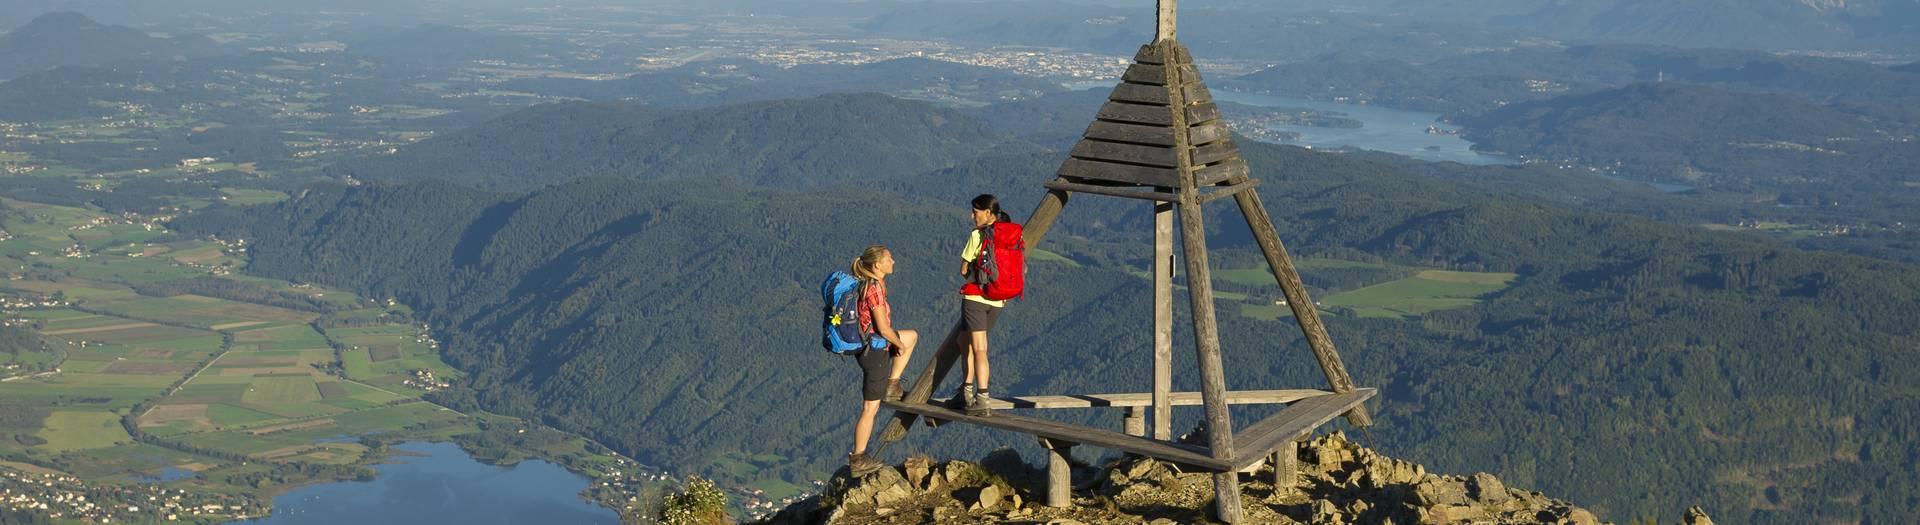 Gerlitzen Alpe. Vom Berger Wetterkreuz bieten sich grandiose Ausblicke auf Ossiacher See, Wörther See und das gesamte Klagenfurter Becken.